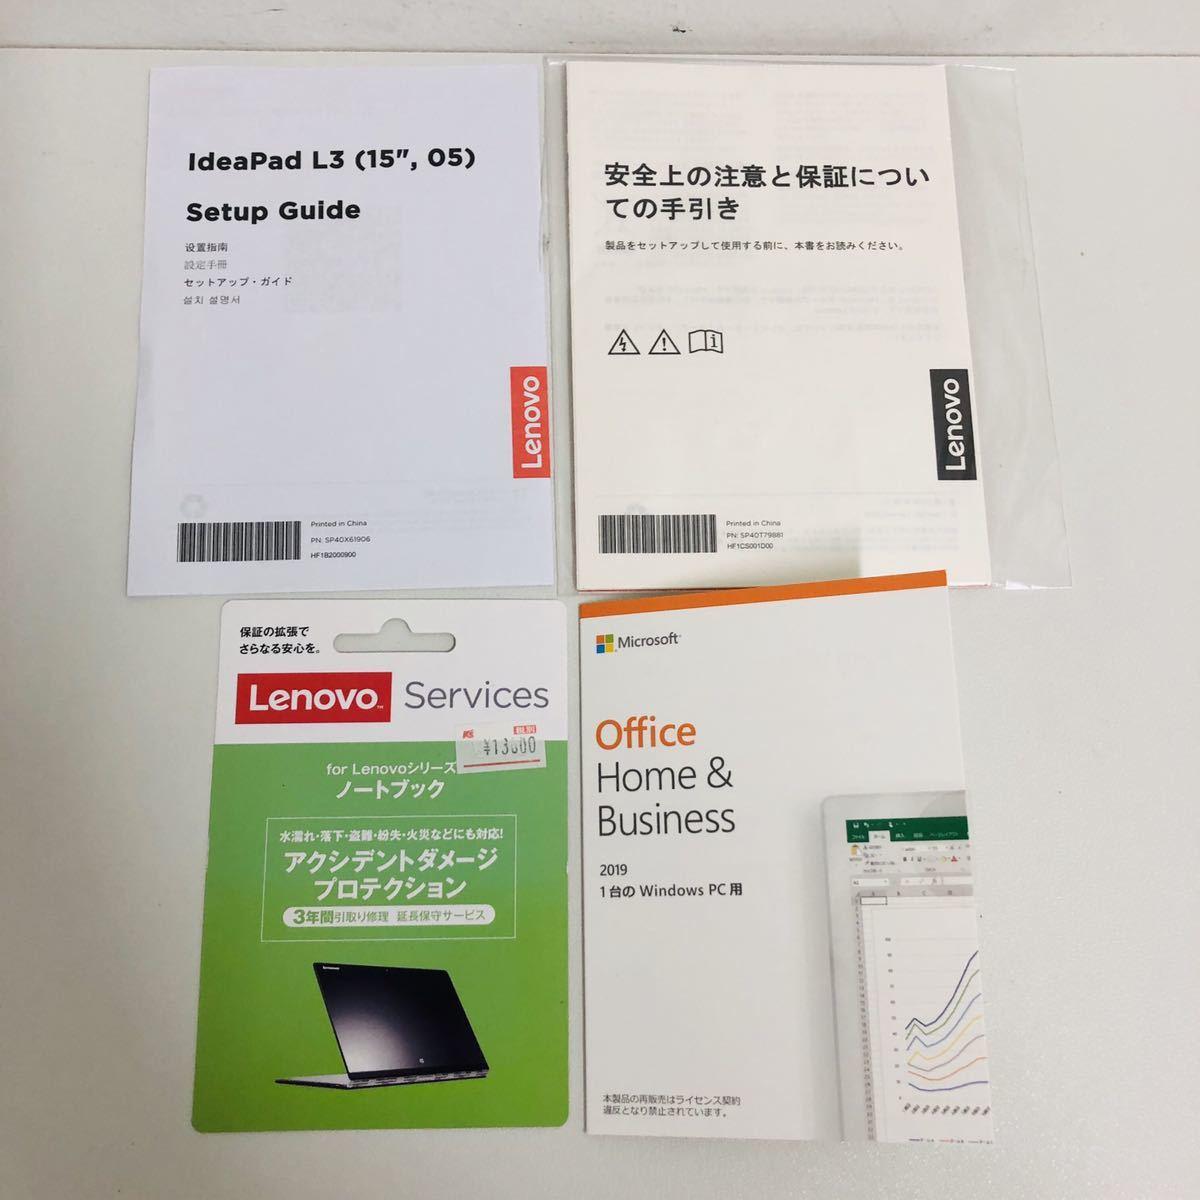 新品同様 美品 Lenovo IdeaPad L350 15.6 81Y300HCJP Core i7-10510U 1.8Ghz 8GB HDD 1TB Windows10 Home 保証あり 延長保証付 i4165_画像4